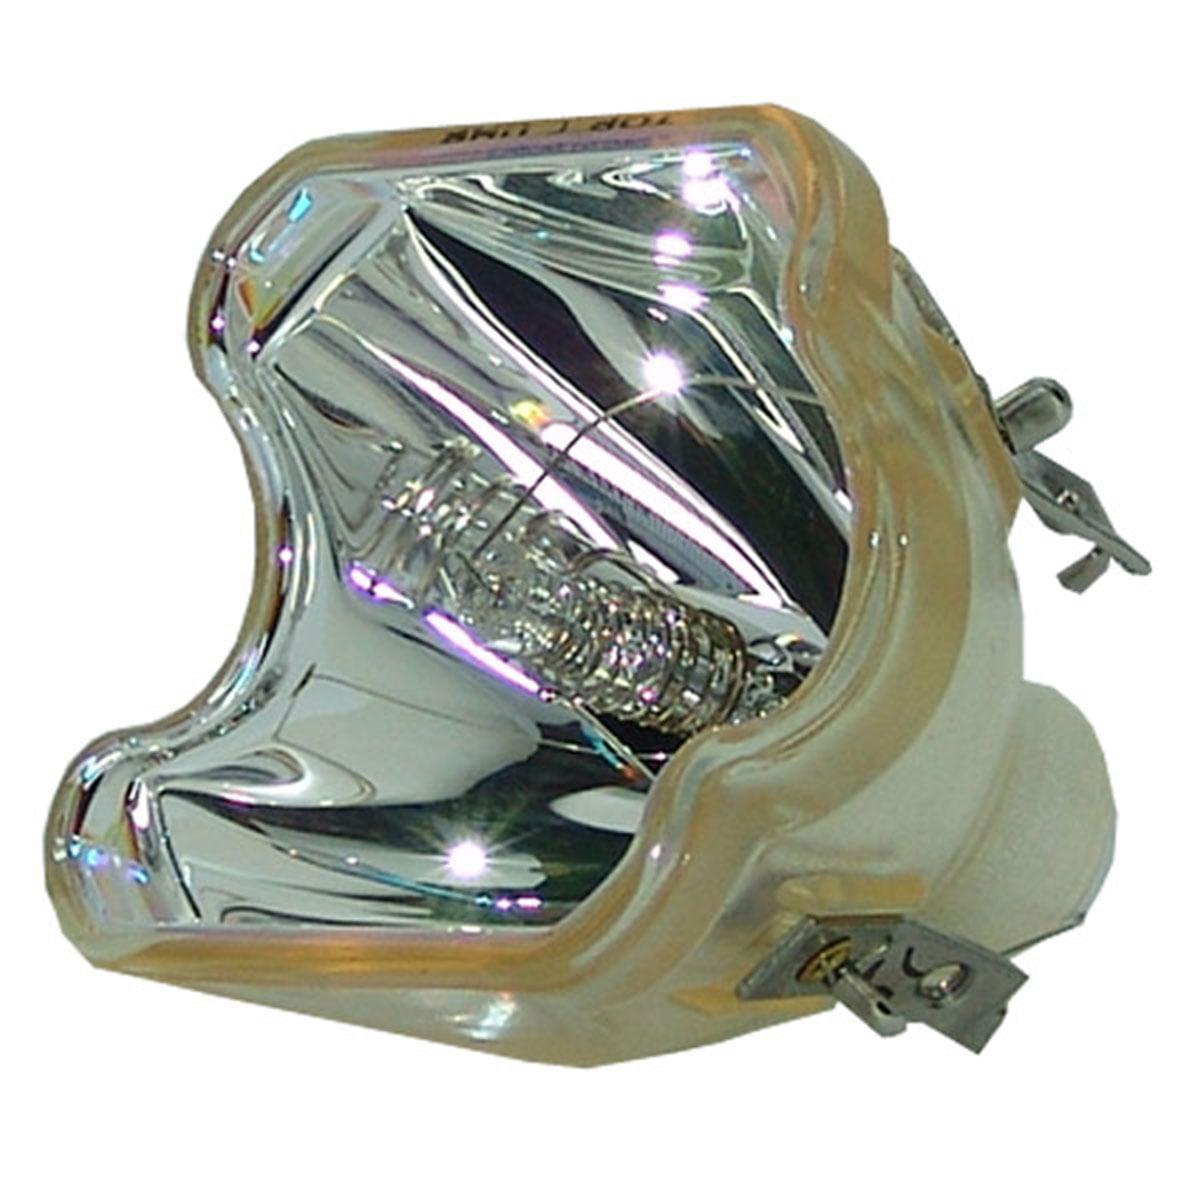 Philips Bare Lamp For Sony VPL-EX5 / VPLEX5 Projector DLP...